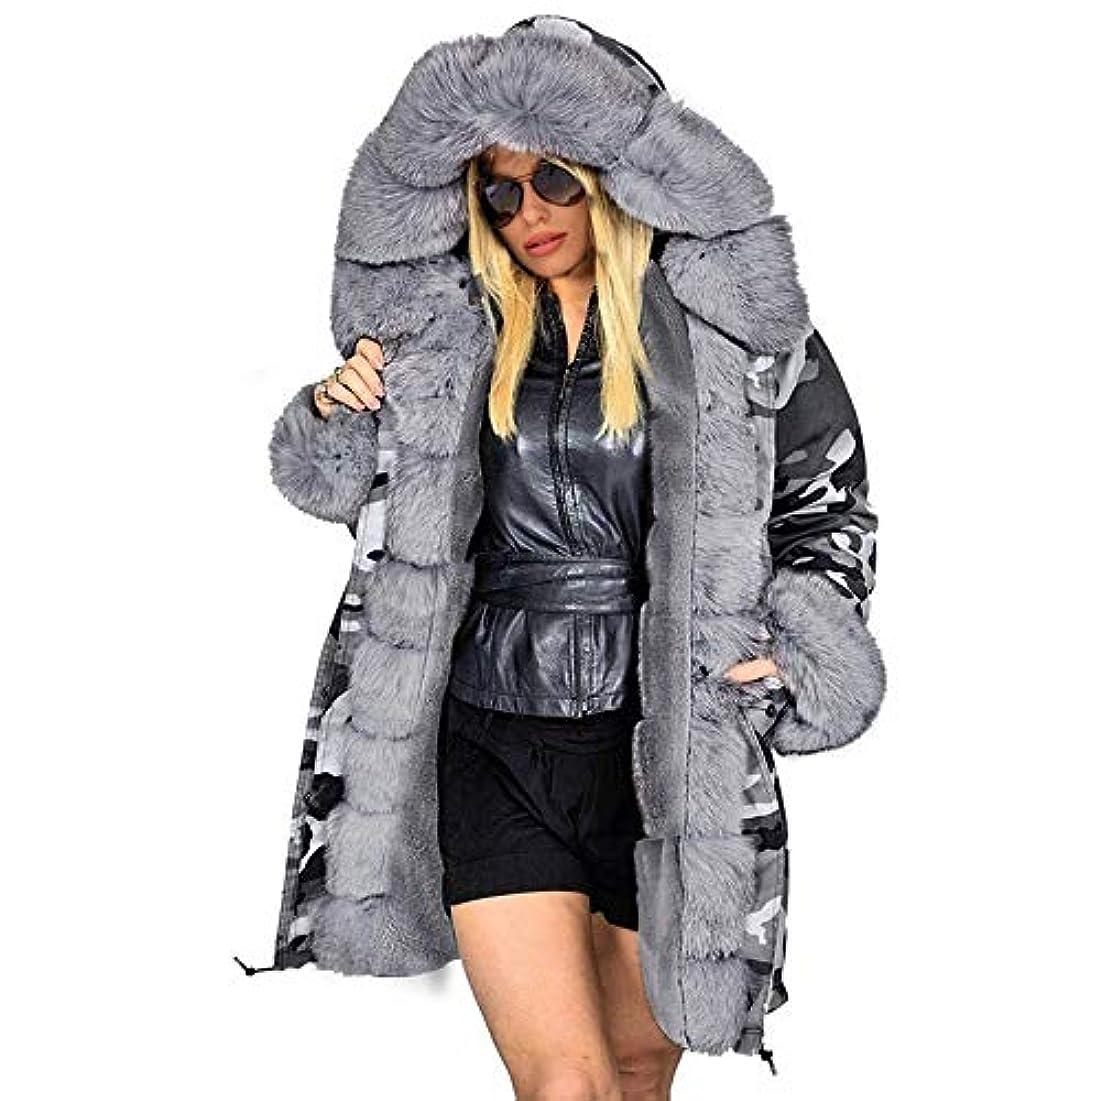 間ポケットうまファッションコートウィンタージャケット女性フードパーカーロングウォームコットンジャケットアウターウェア女性ウィンターコートプラスサイズ,XXXL